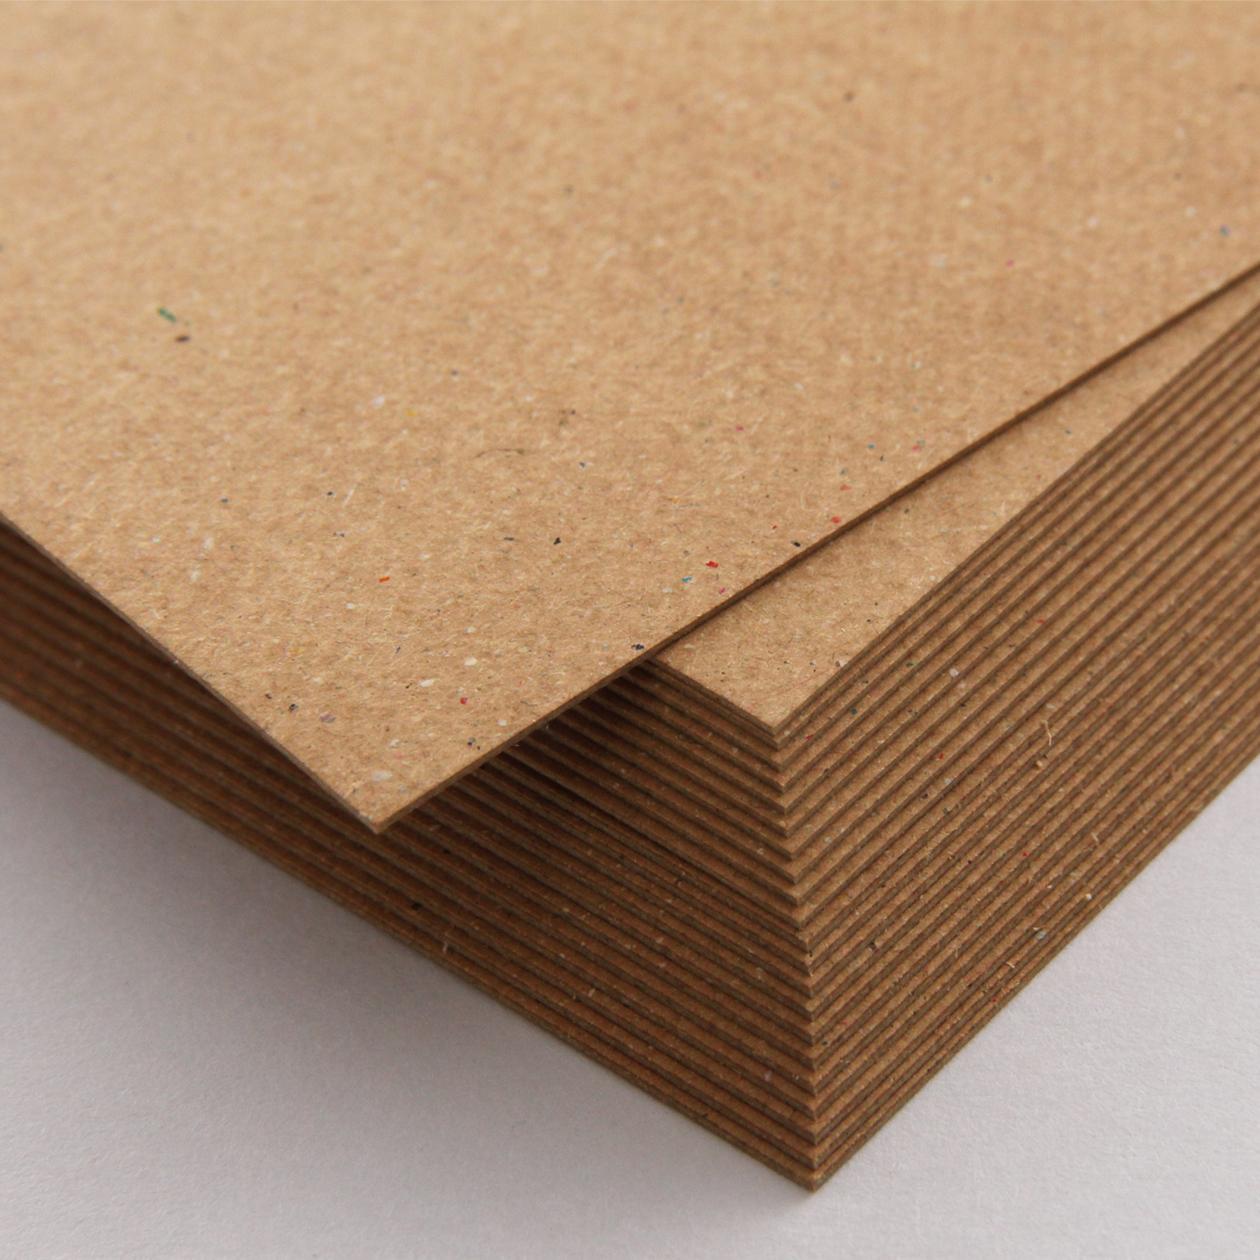 組箱 サイズA_06 ボード紙 ブラウン 270g